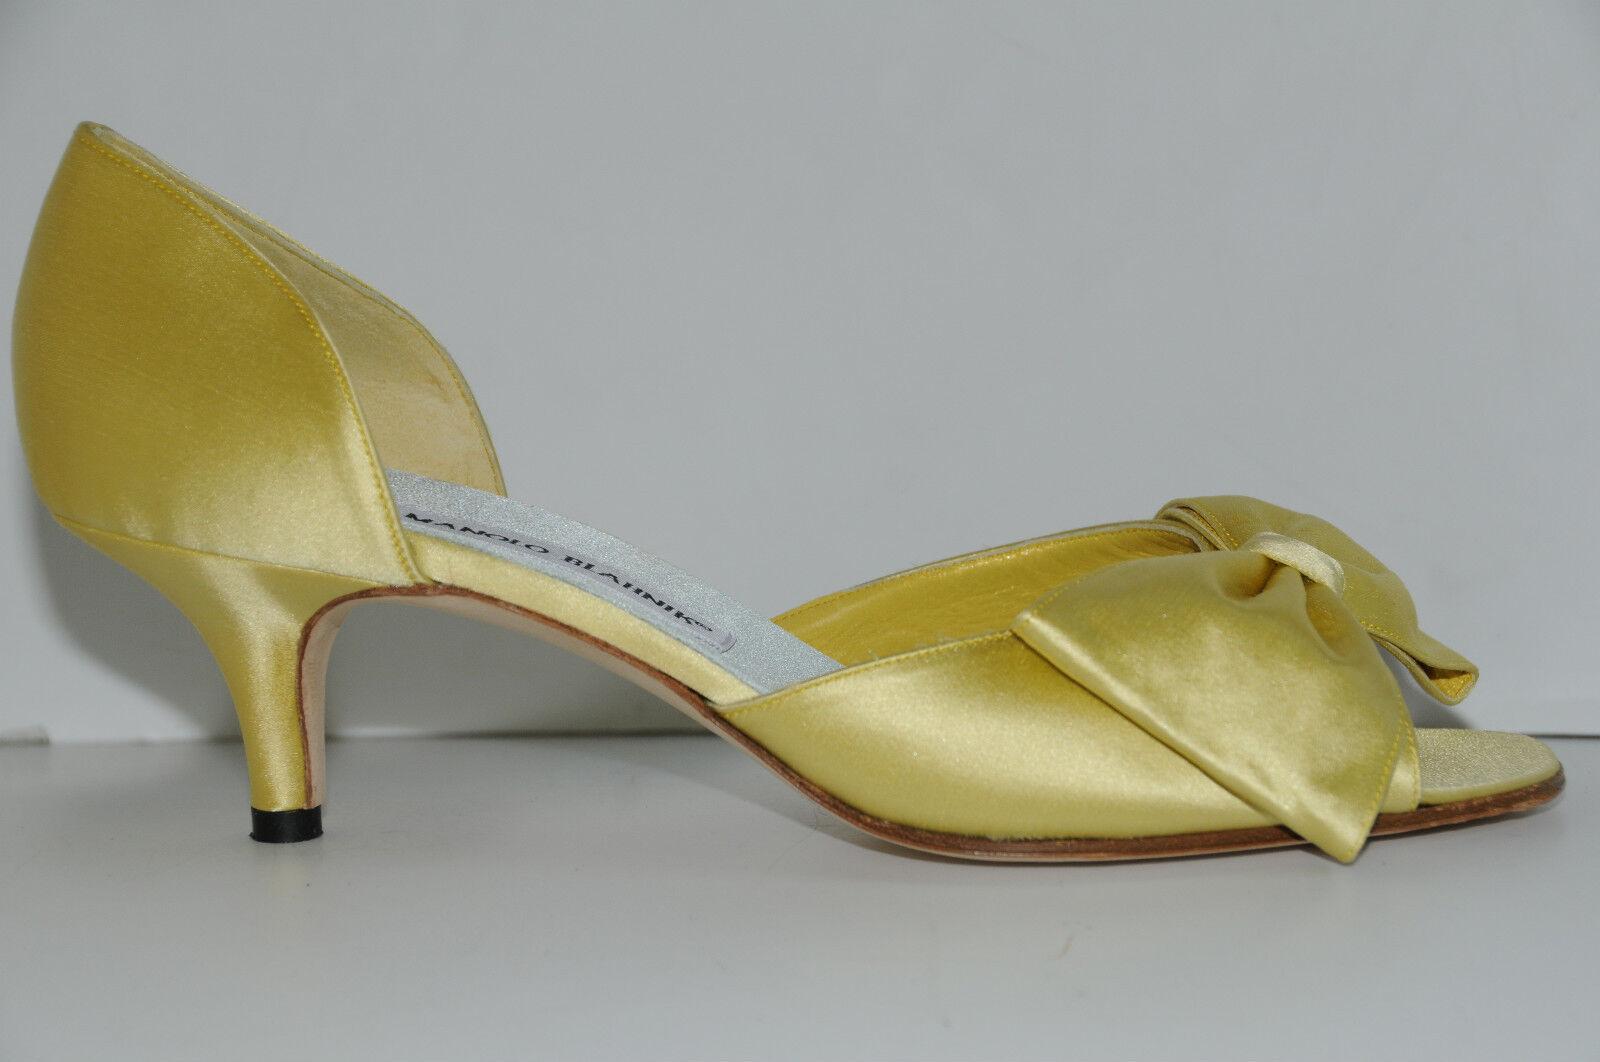 775 Nueva Manolo Manolo Manolo Blahnik clausado Amarillo Limón arco Raso Zapatos 39.5 Boda  promociones de descuento